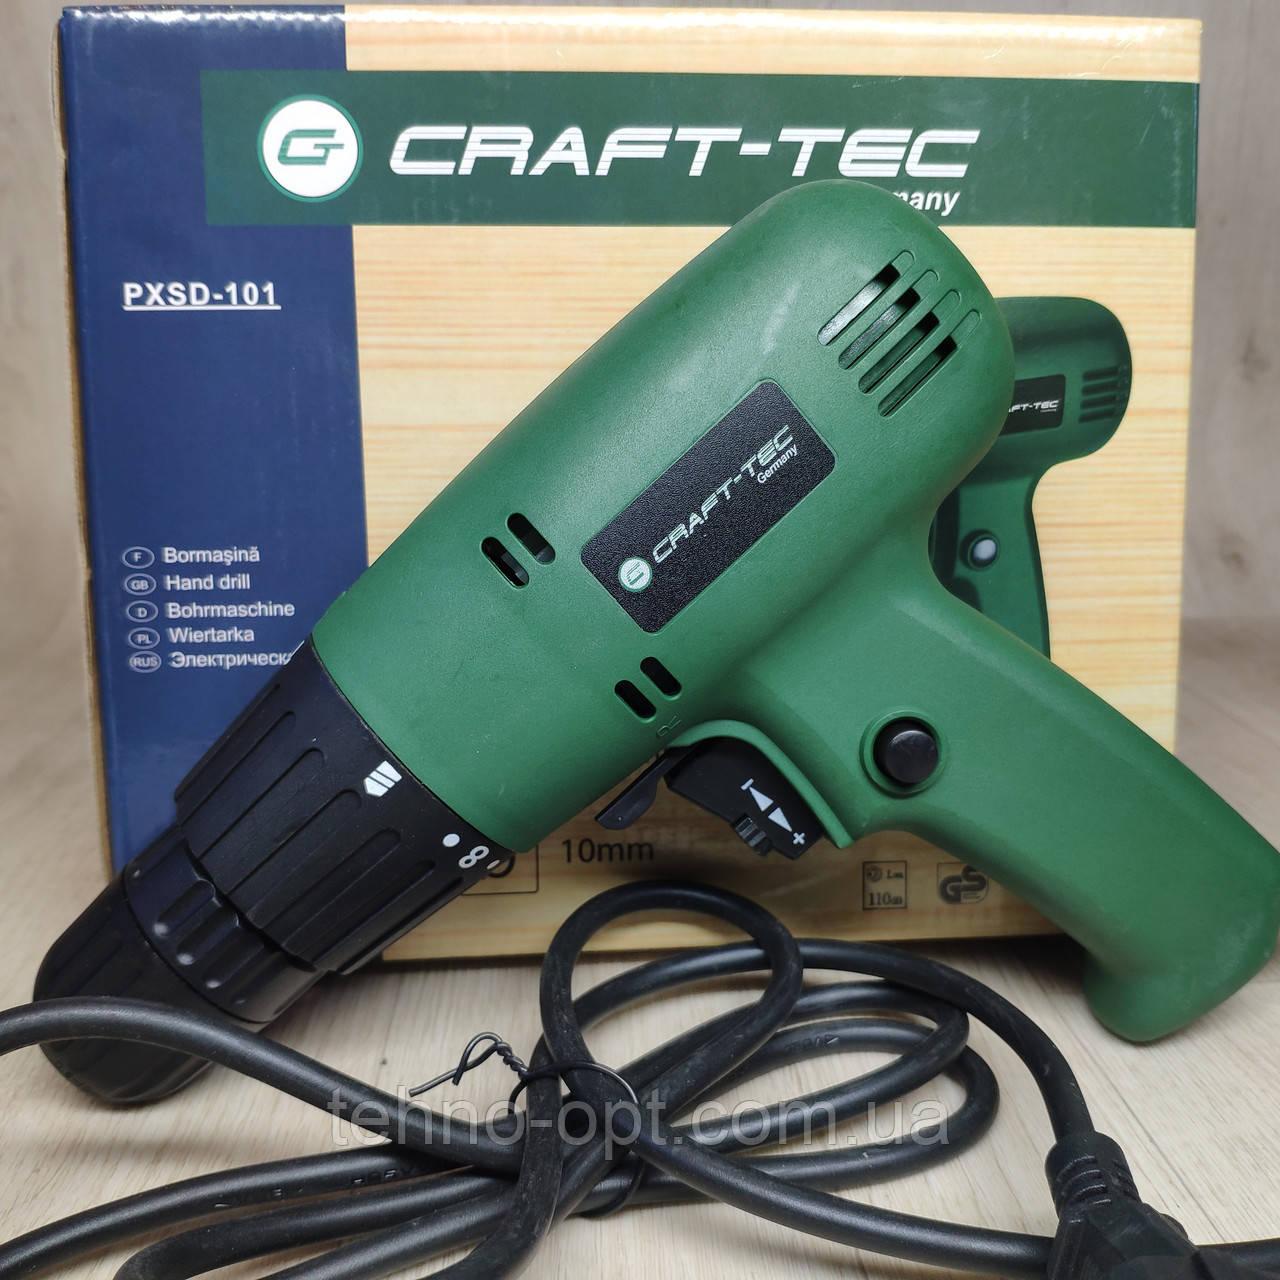 Шуруповерт сетевой Craft-tec PXSD-101, 900 W